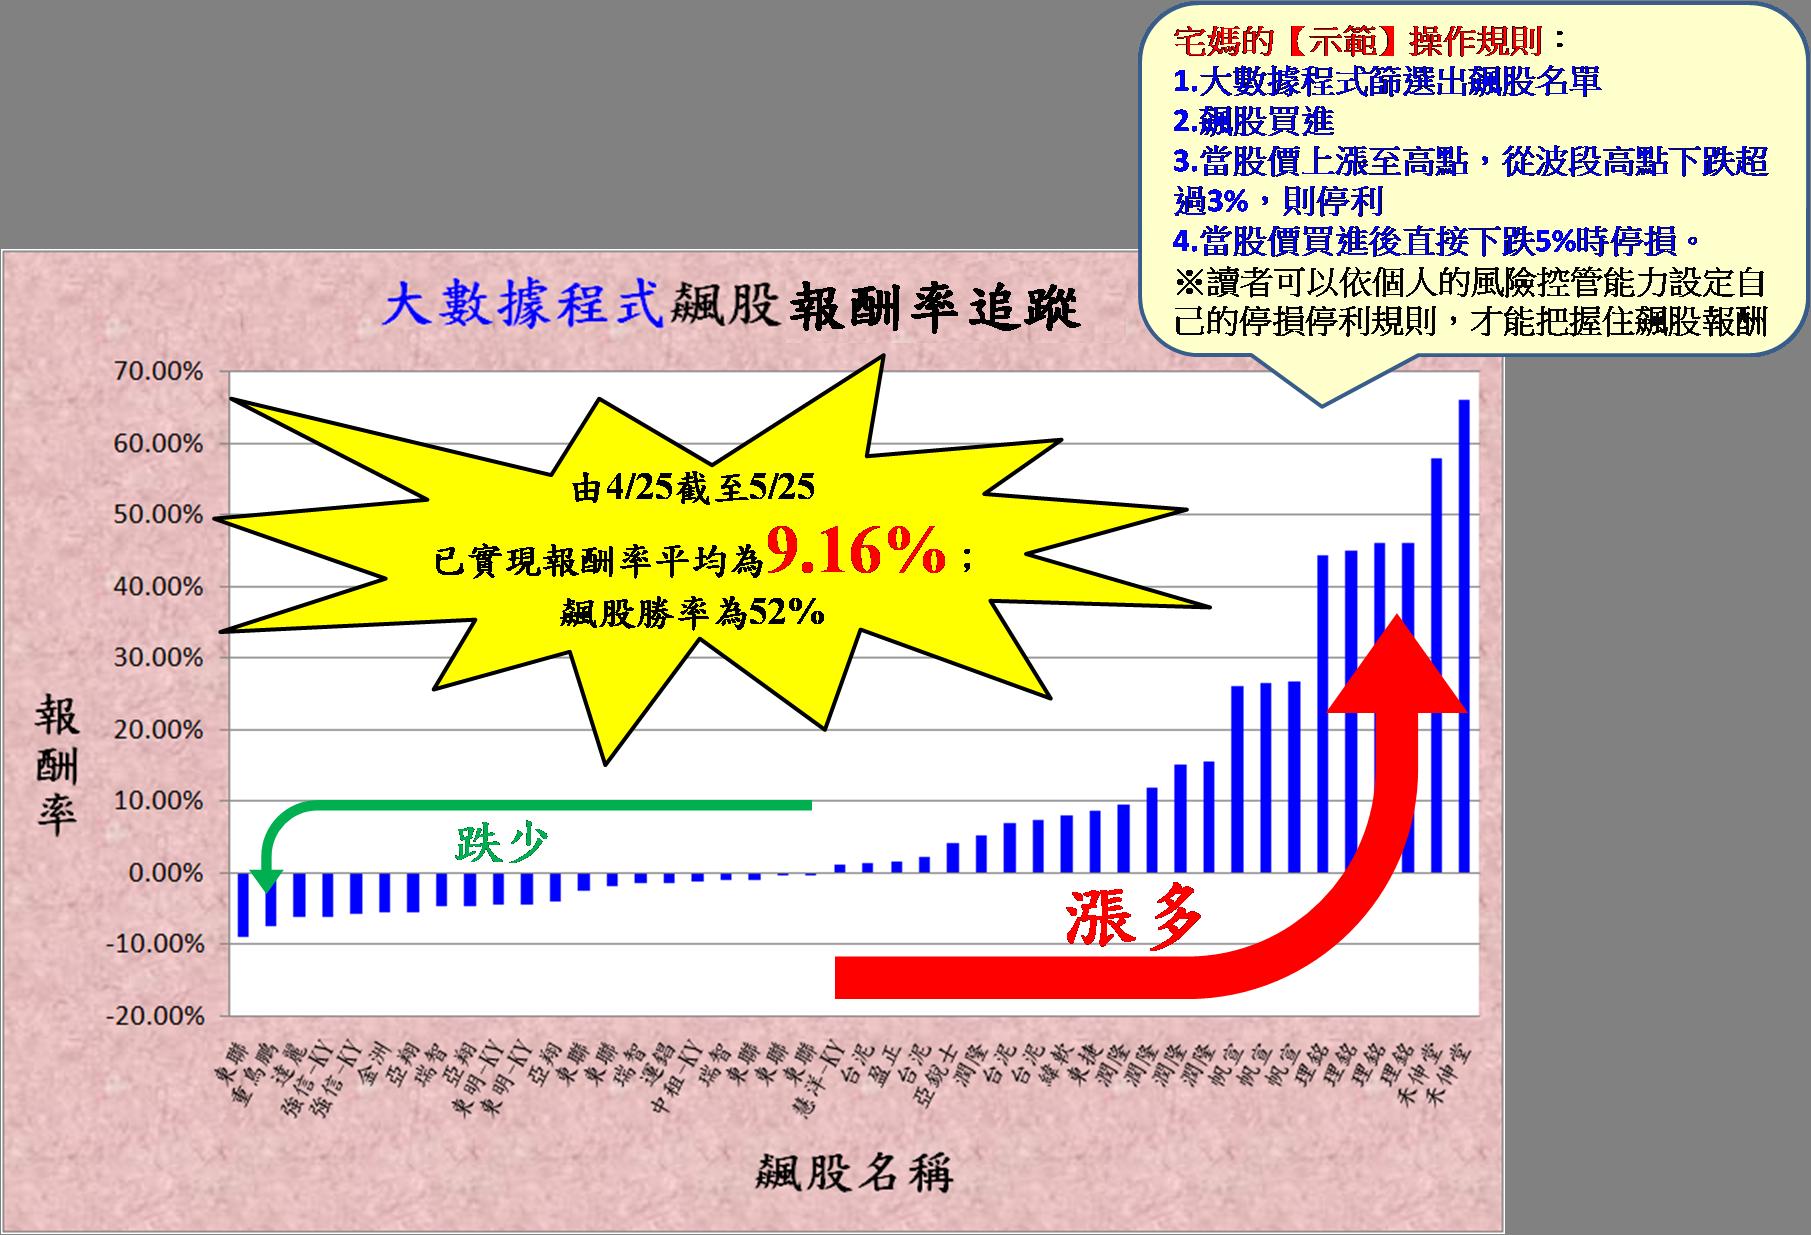 宅媽的大數據程式飆股報酬率追蹤